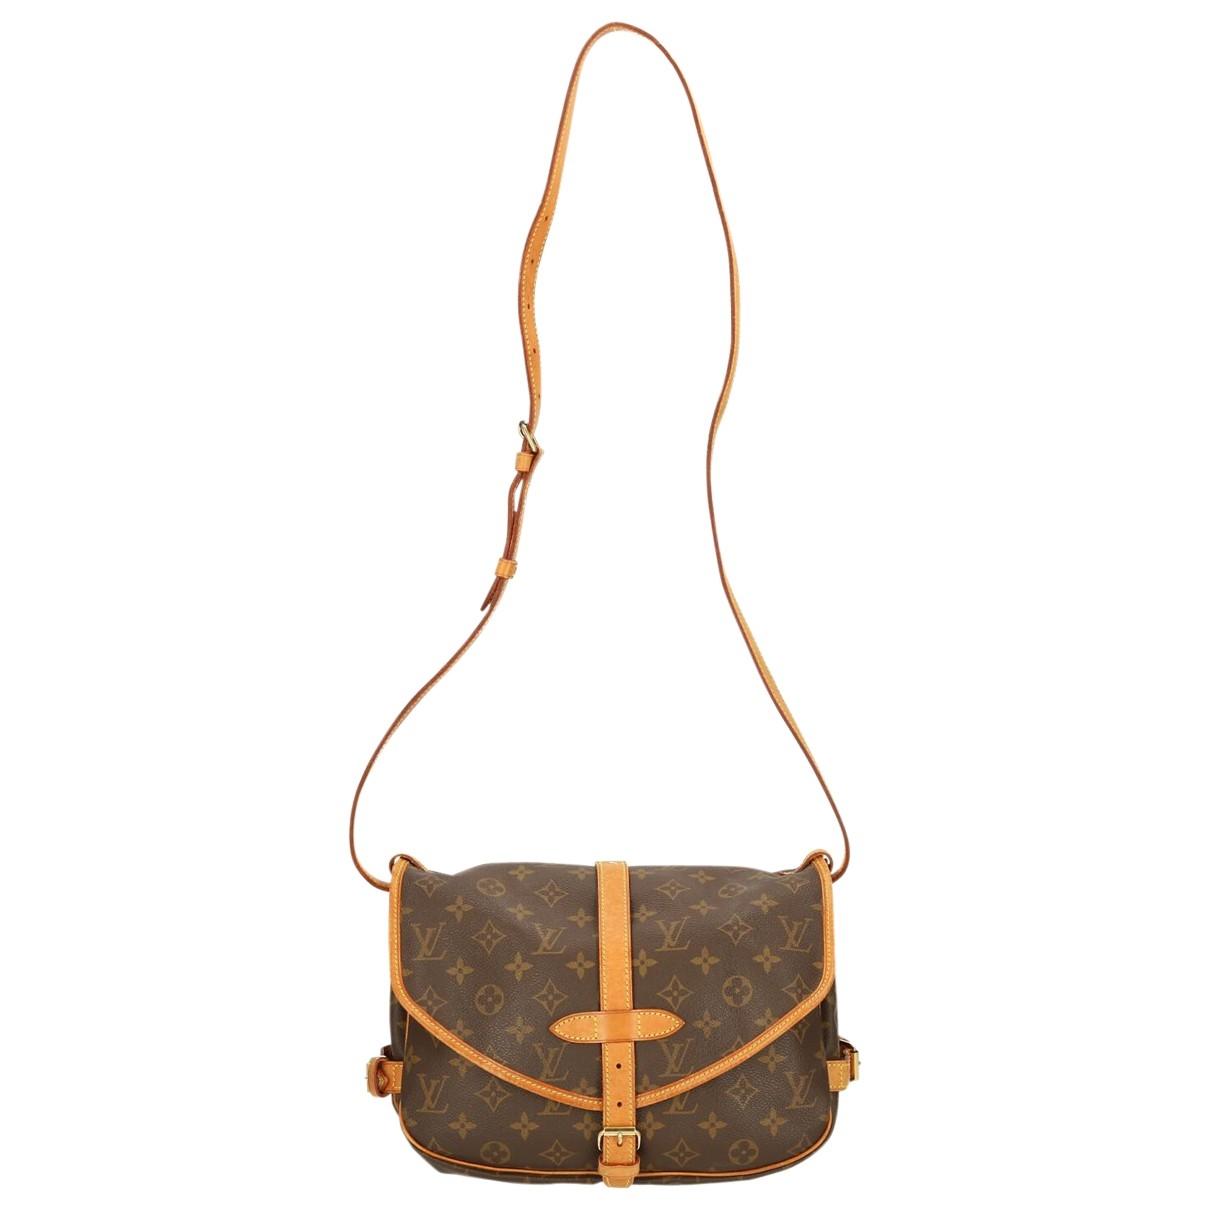 Louis Vuitton - Sac a main Saumur pour femme en toile - marron